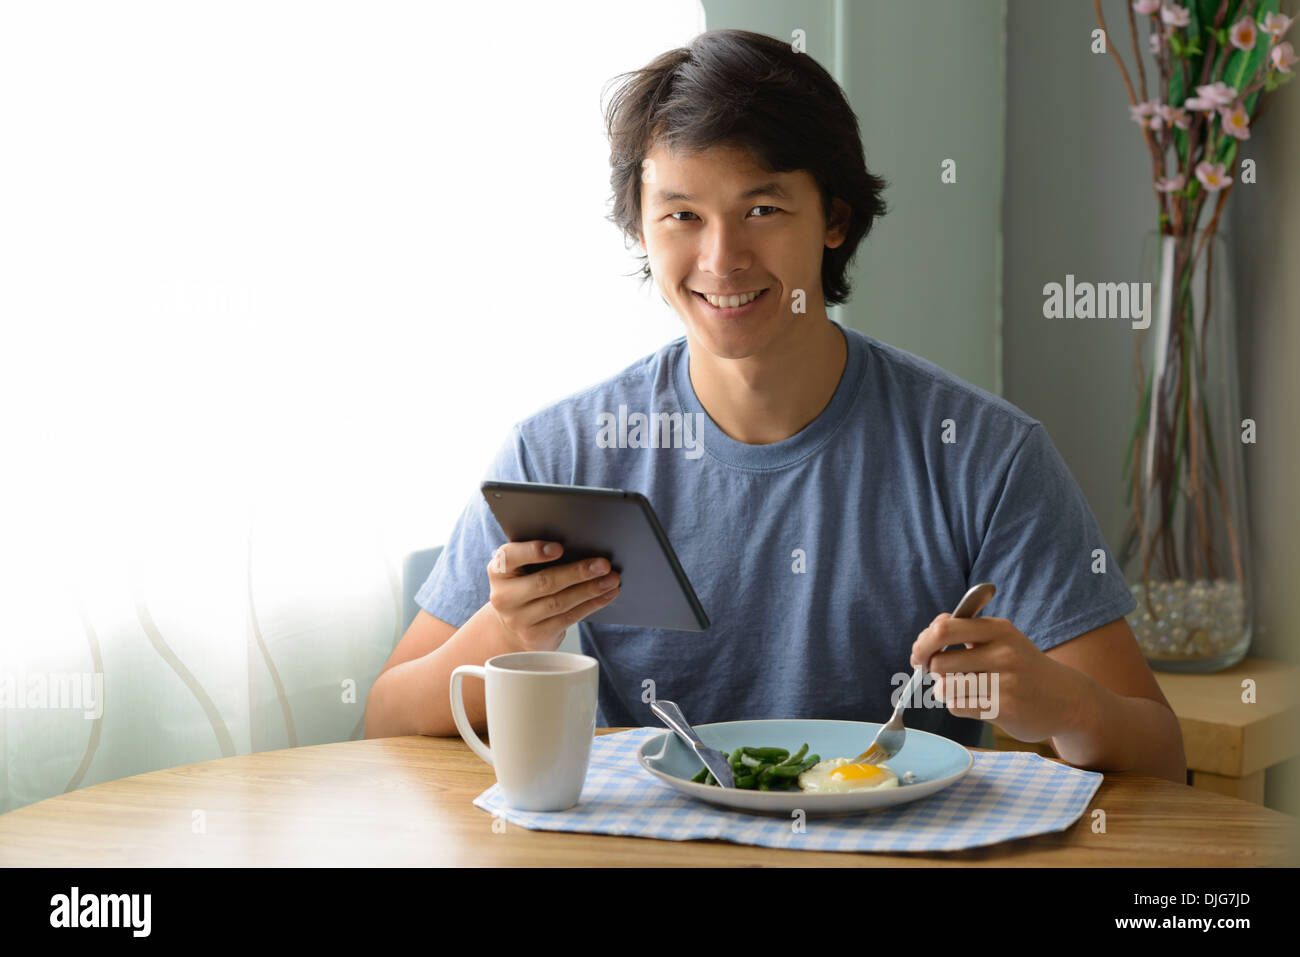 Asian man eating